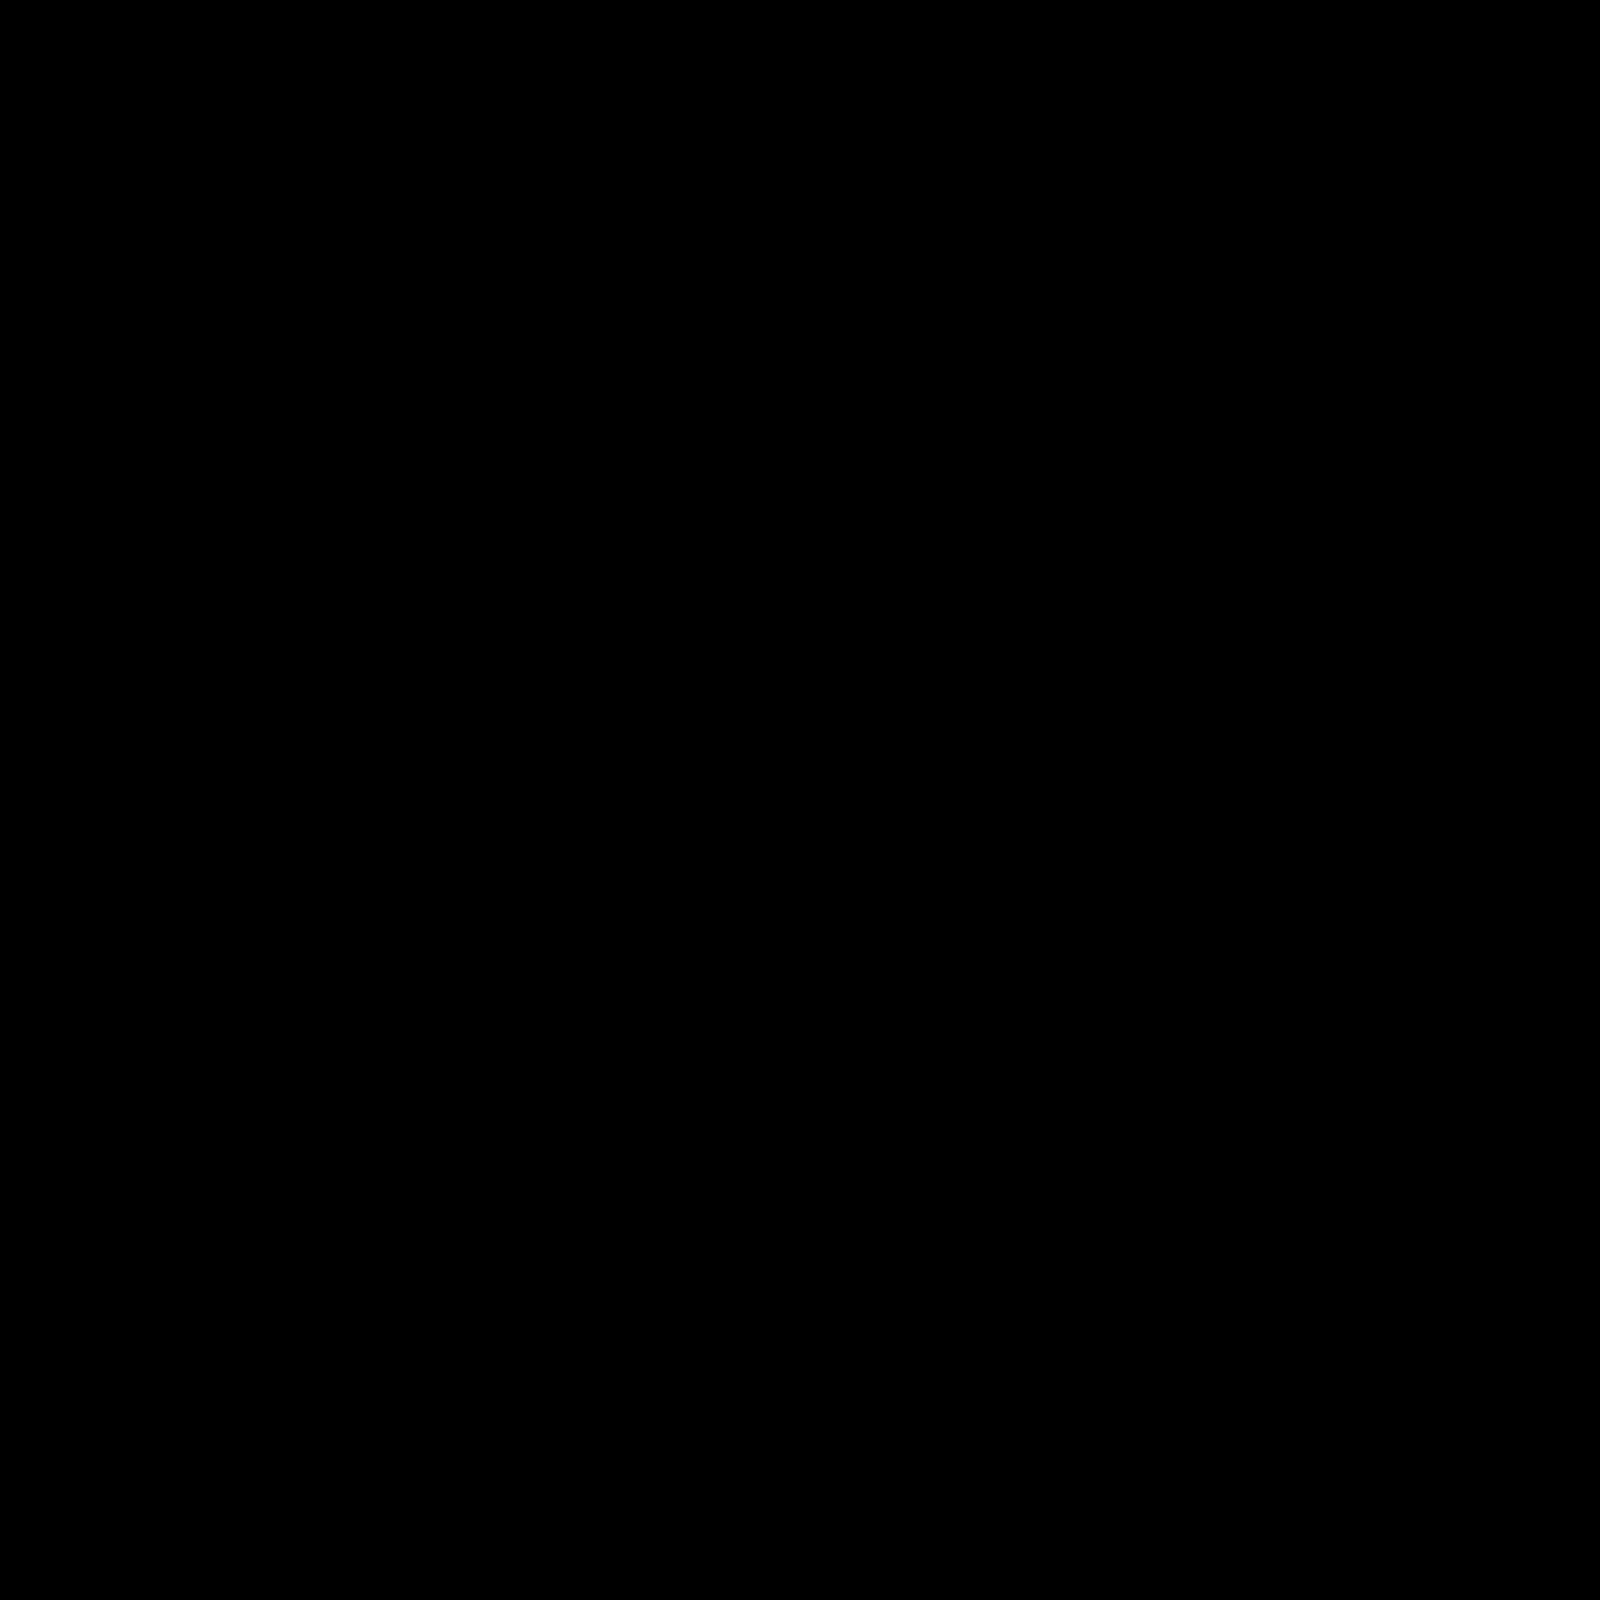 Karta AmericanExpress icon